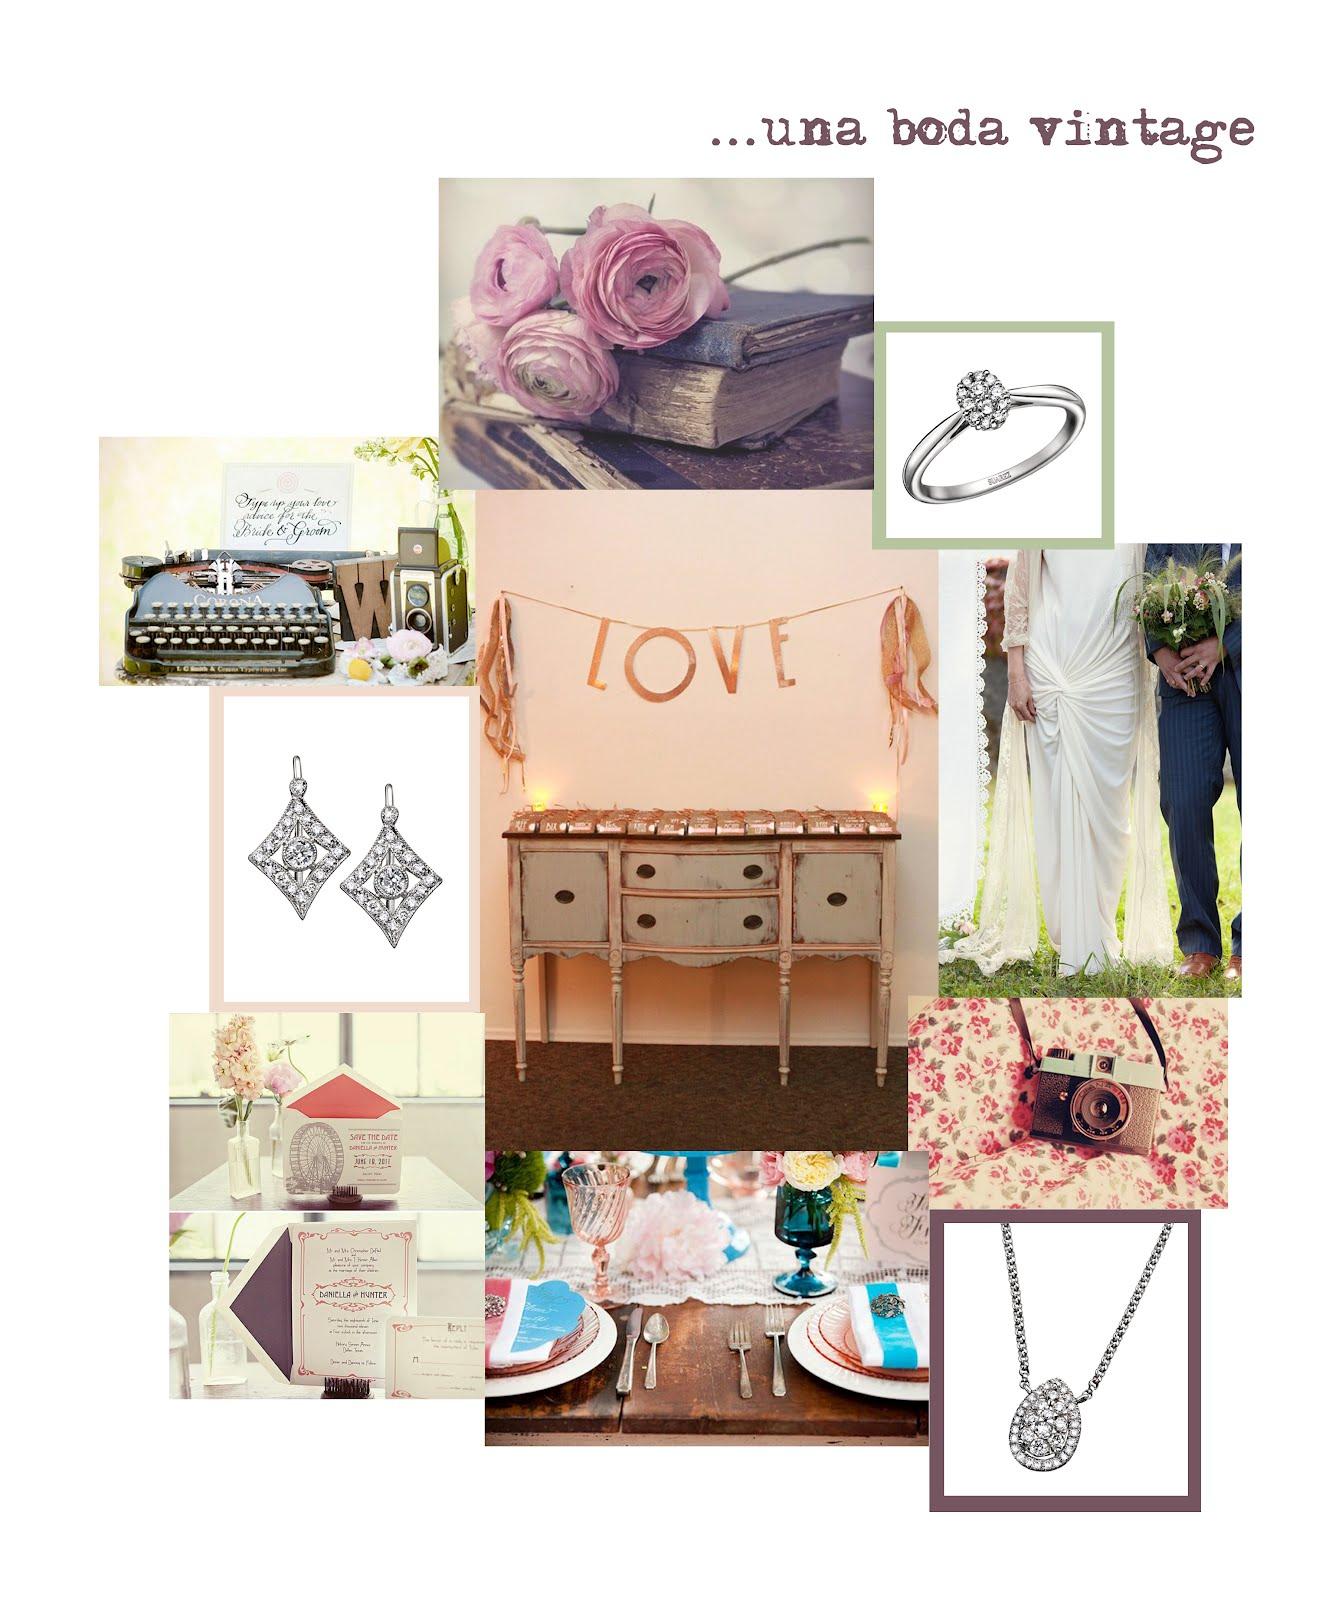 Joyeria suarez una boda vintage for Boda vintage